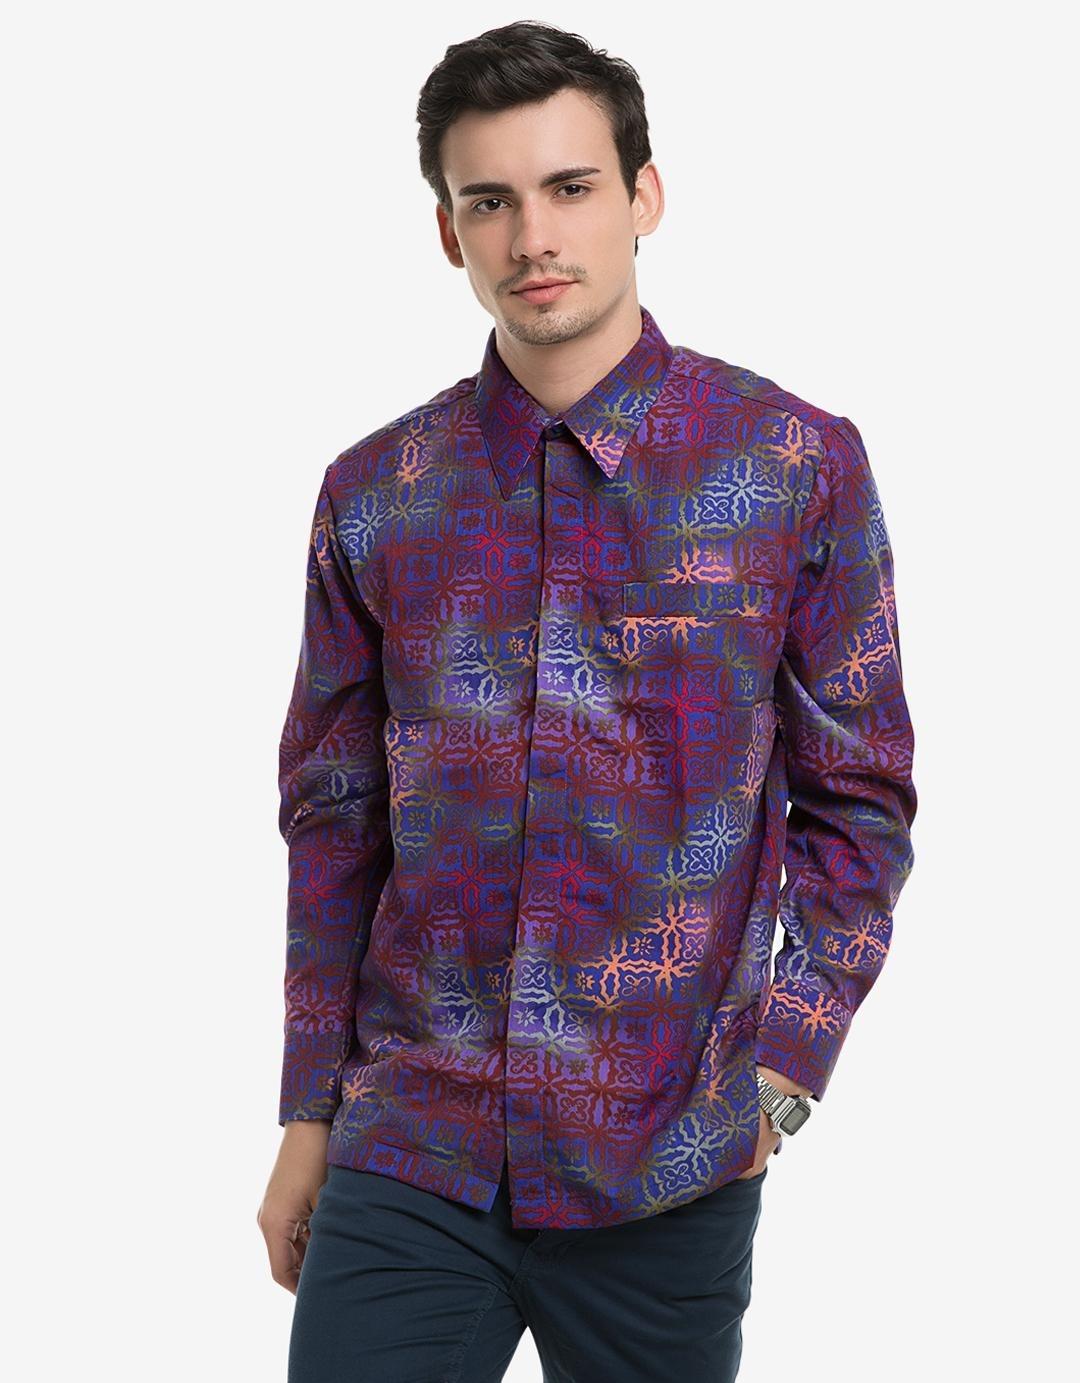 Lengkap 30 Model Baju Batik Pria Terbaik 2017 Agar Tampil Maskulin